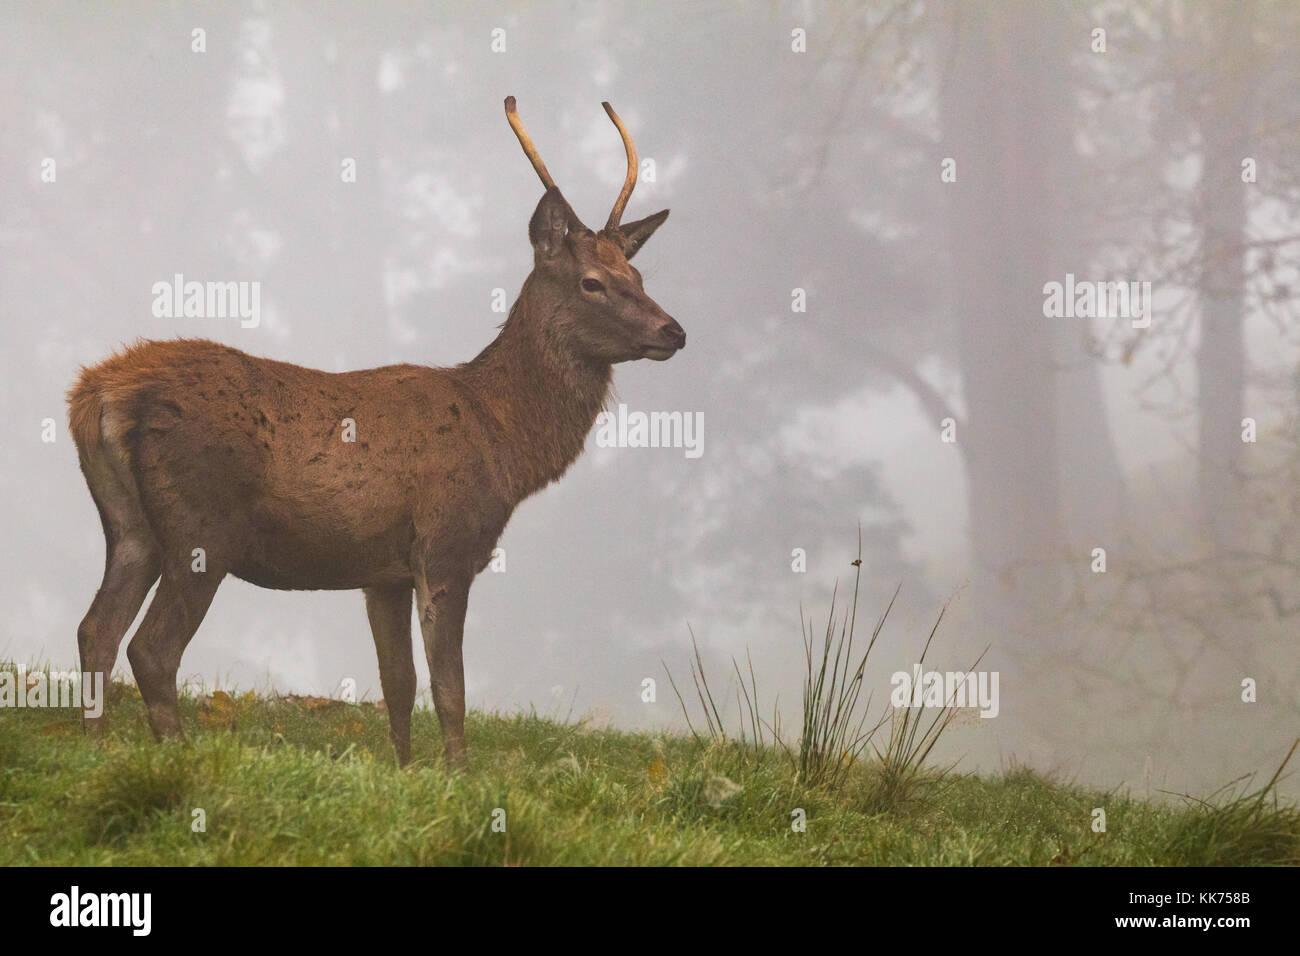 El ciervo, el Ciervo macho, en la bruma, Cheshire, Country Park, vida silvestre Imagen De Stock